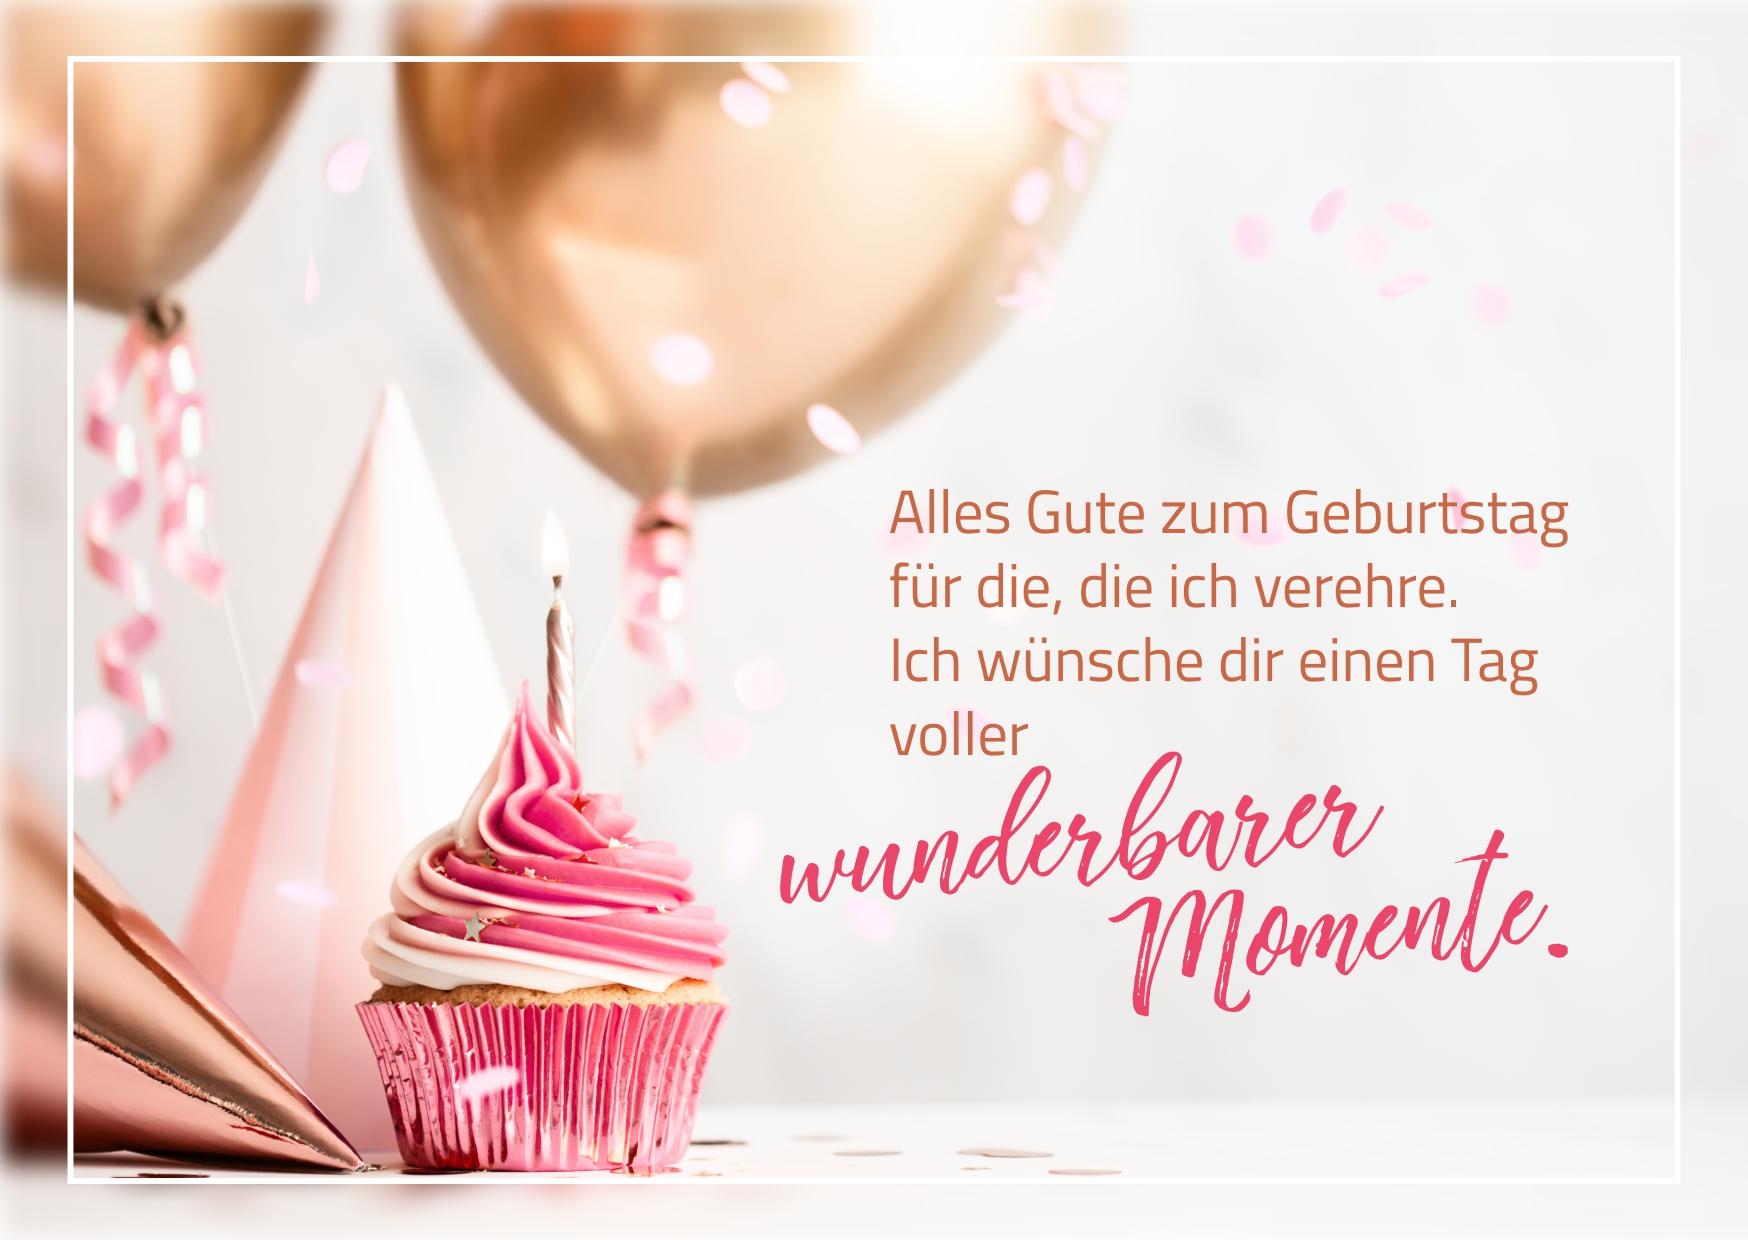 Geburtstagskarte mit schönen Geburtstagsspruch und Geburtstagsbild kostenlos zum Download / Herzliche Glückwünsche, lustige Sprüche & schöne Geburtstagsgrüße für Männer, Frauen und Kinder zum Teilen auf WhatsApp, Facebook